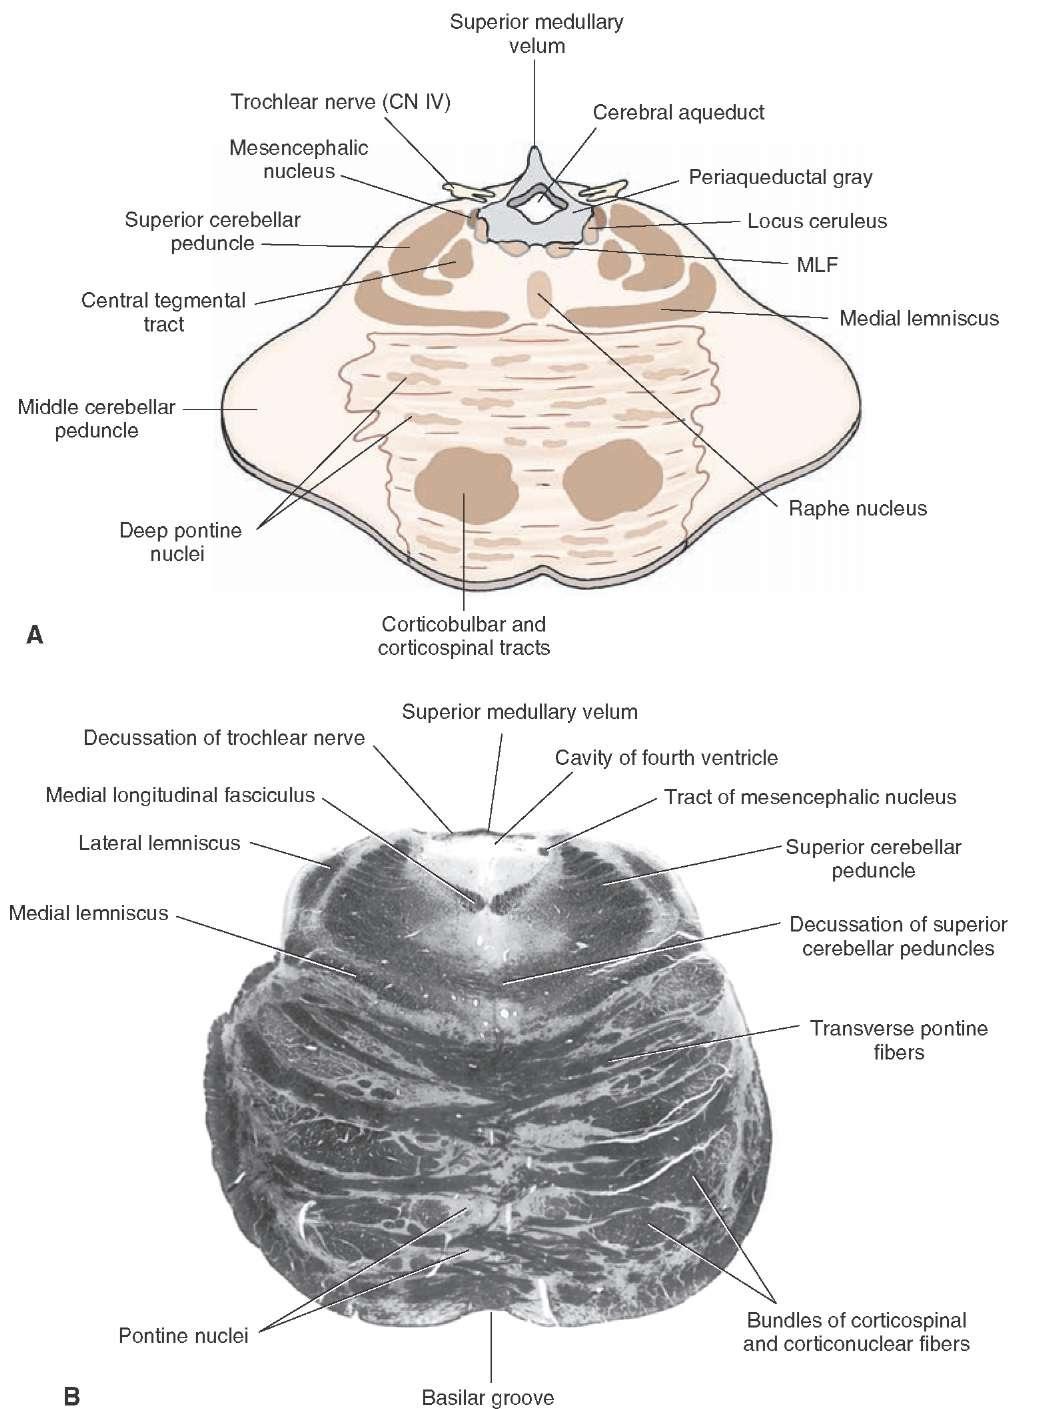 Brainstem Ii Pons And Cerebellum Part 2